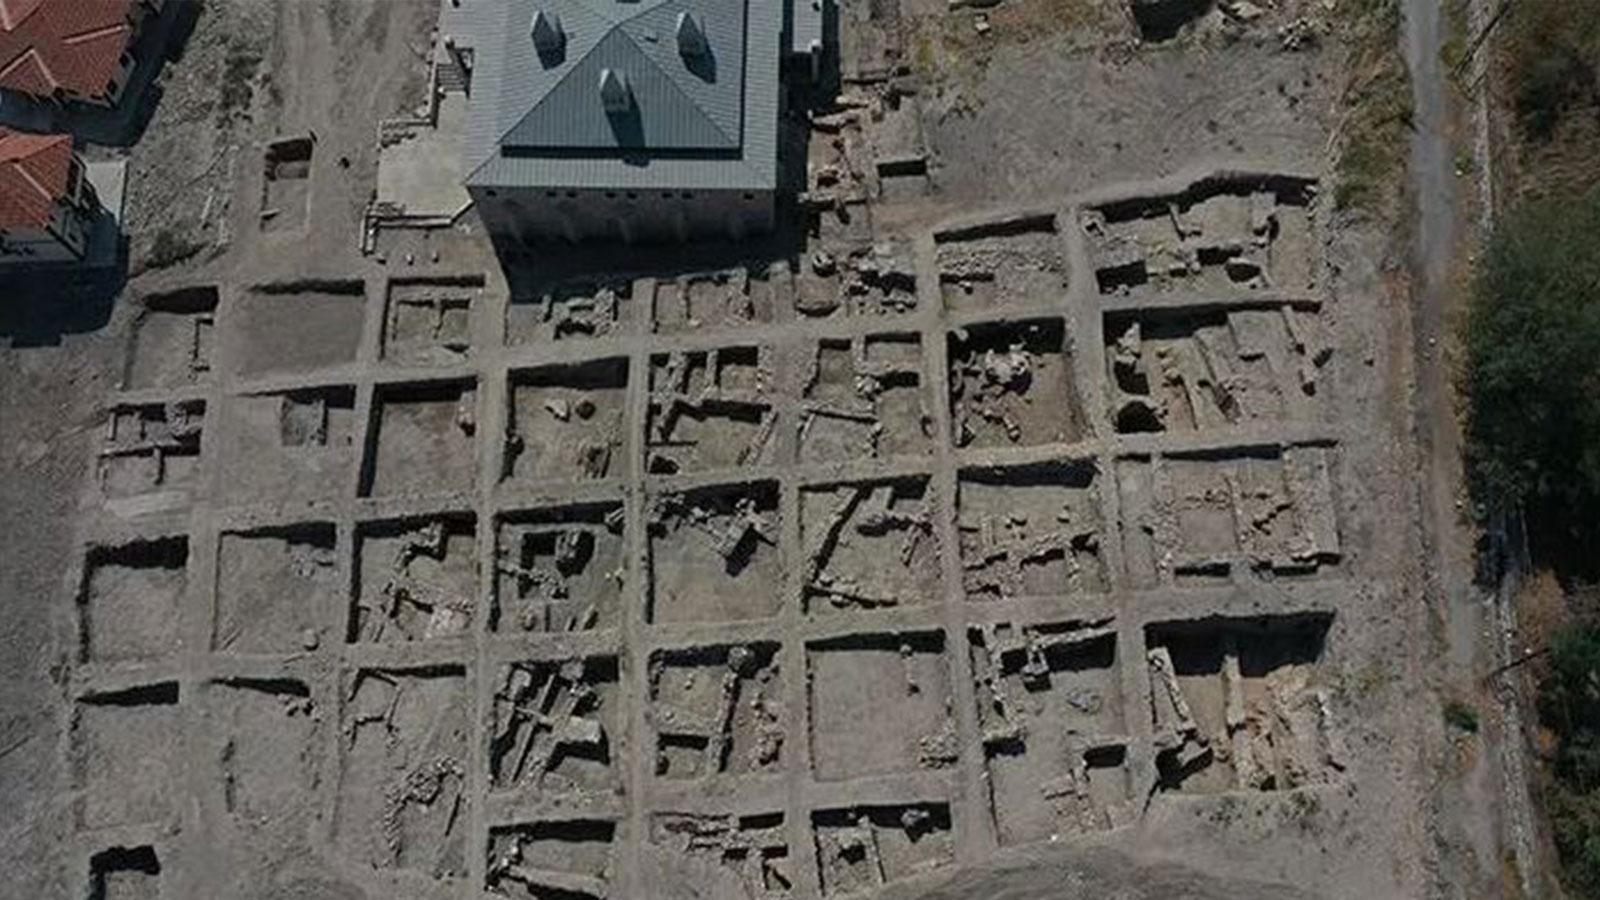 Kale Projesi kazılarında Selçuklu sarayı izlerine rastlandı